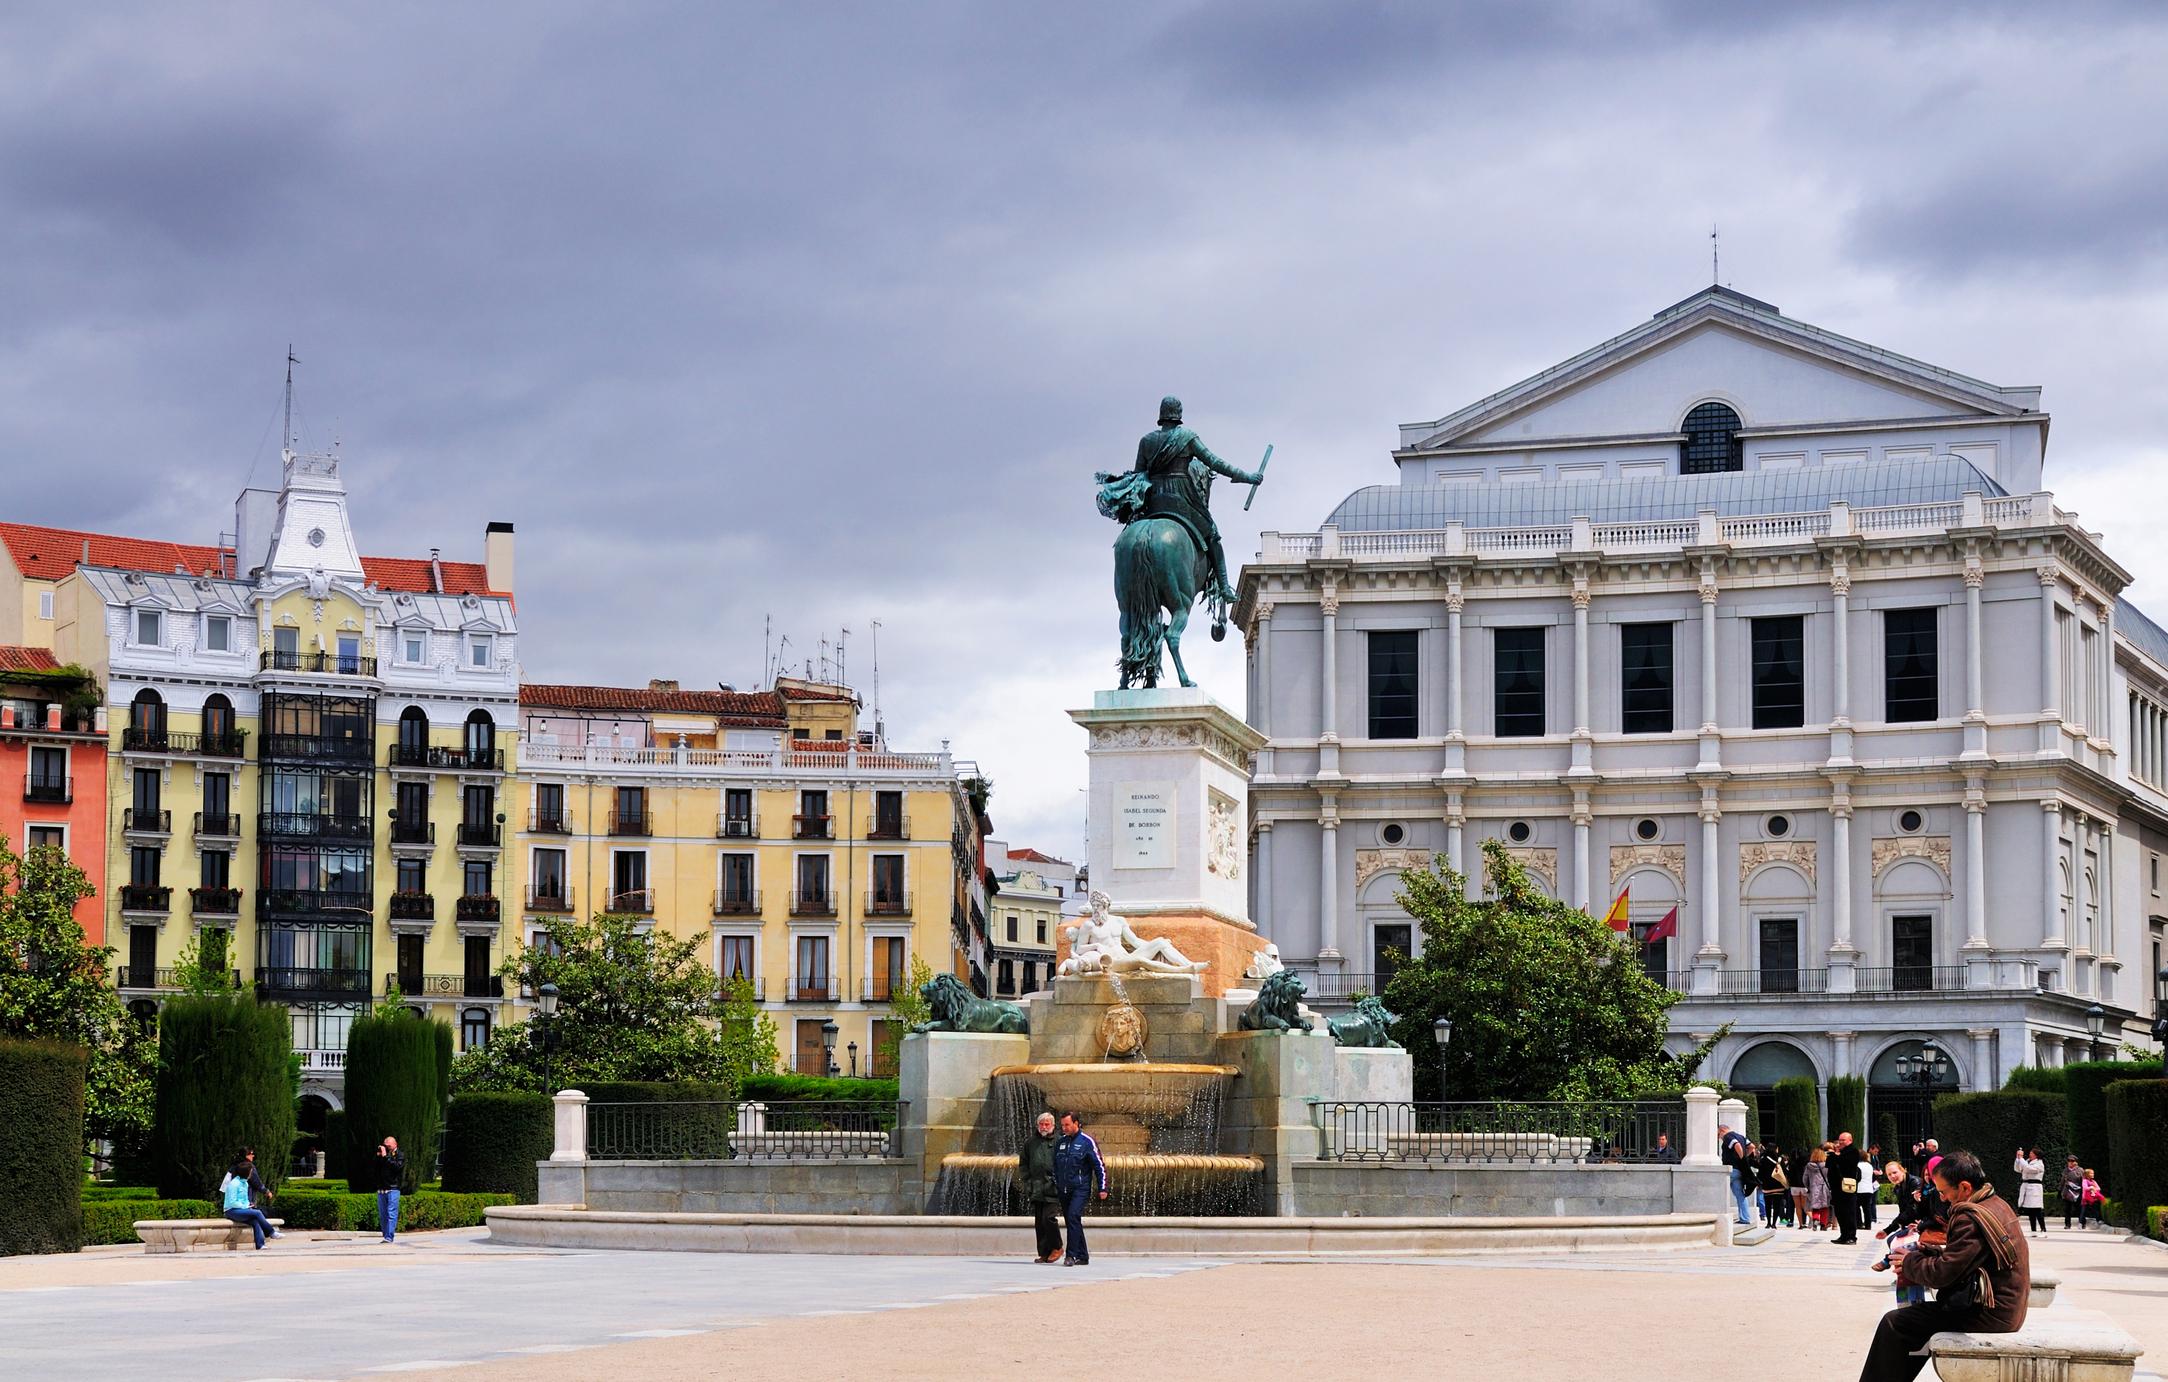 14 Octobre 2008 - 15 Octobre 2008 Madrid - Espagne